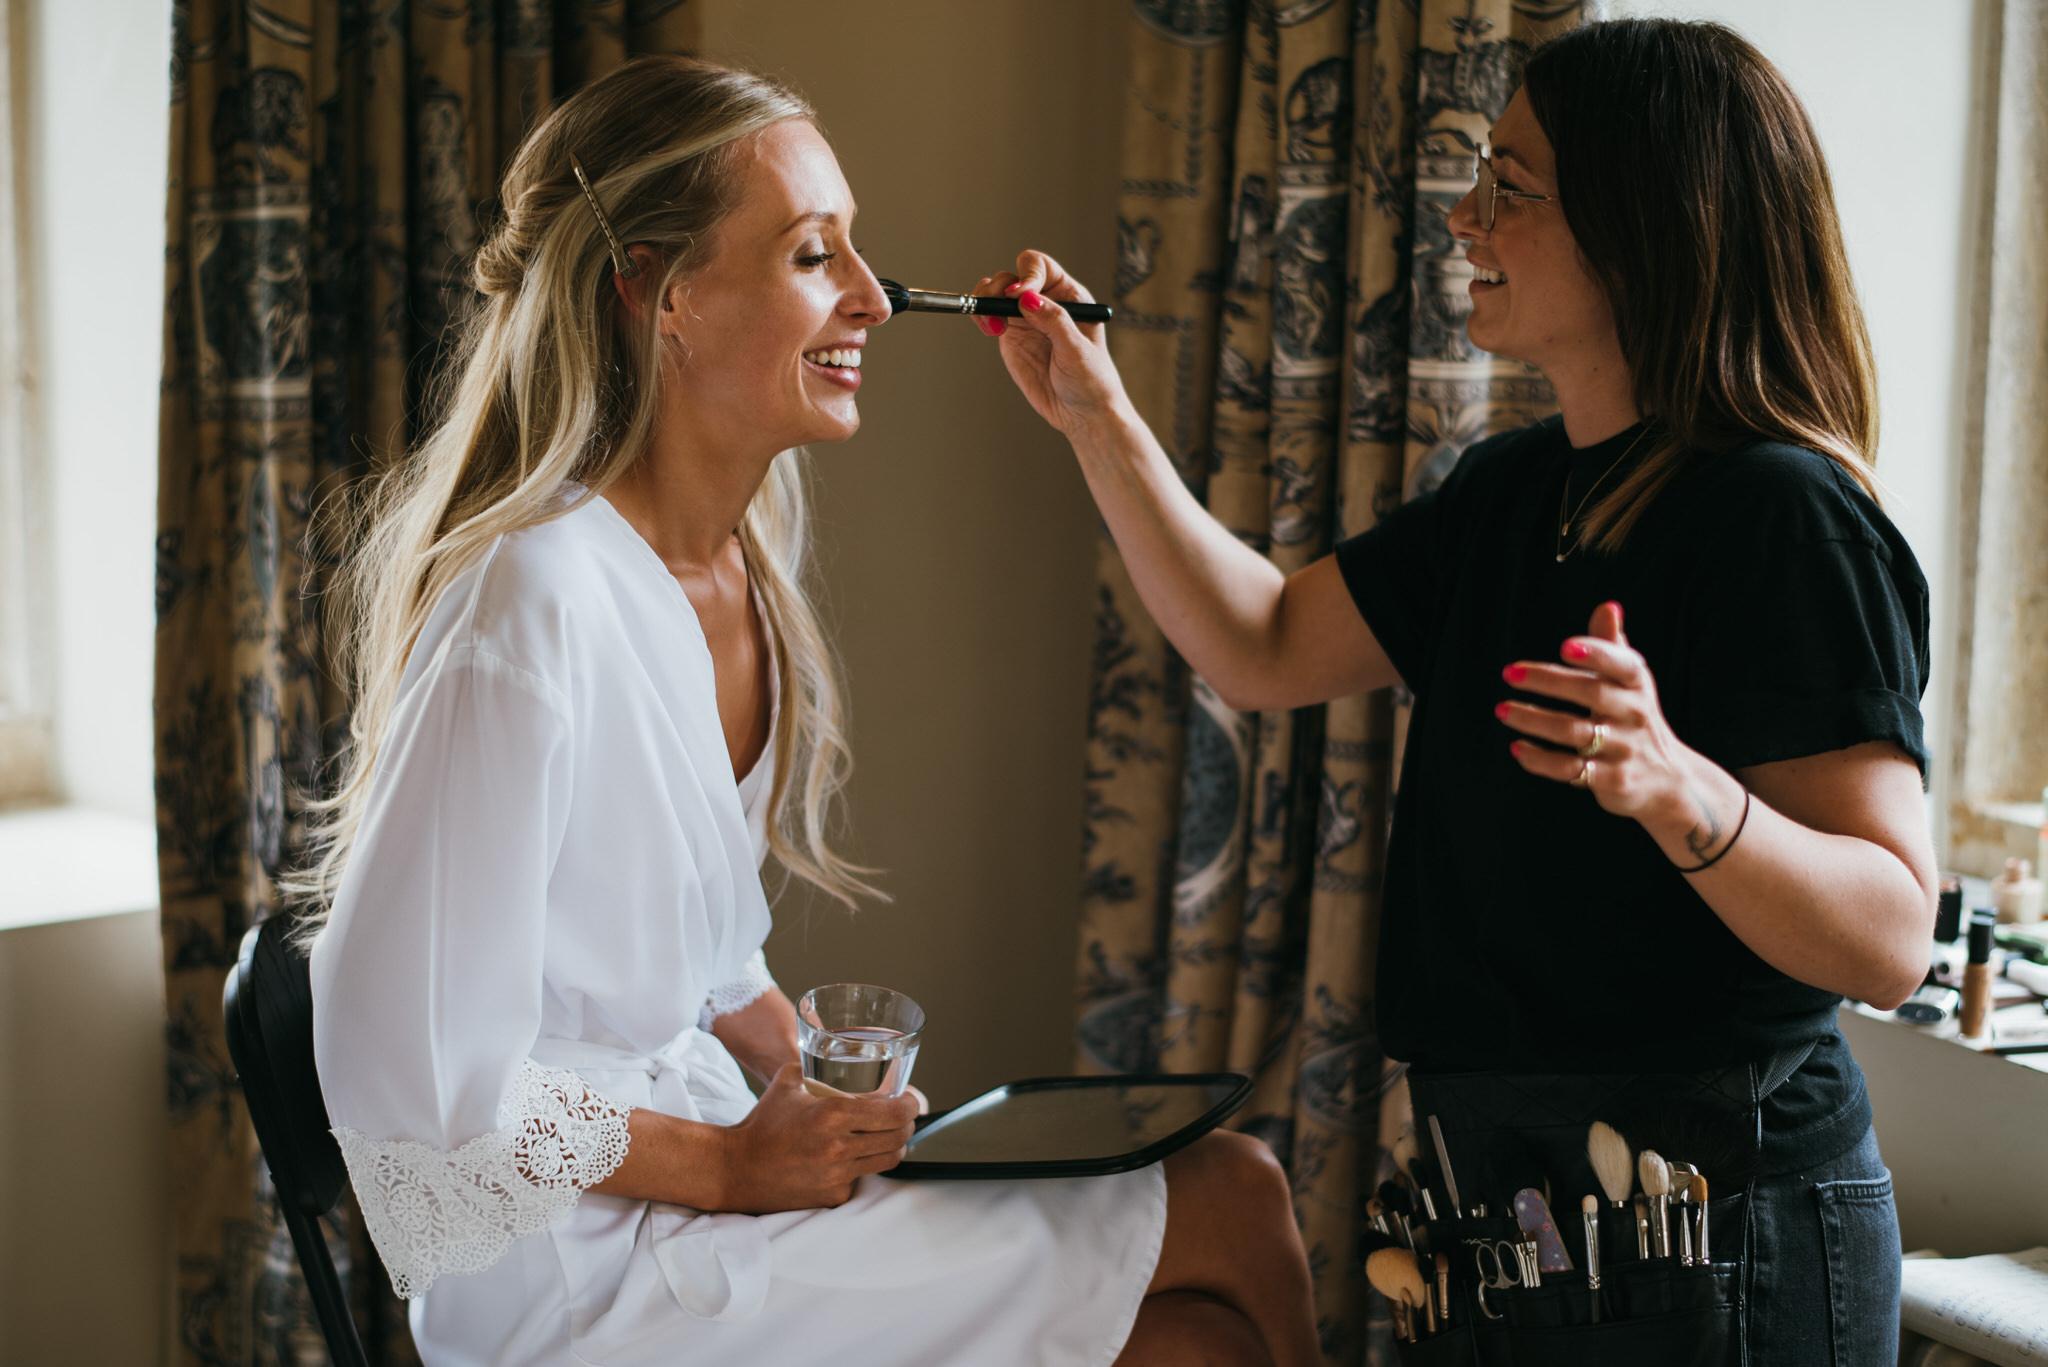 Byannabella applying makeup to bride